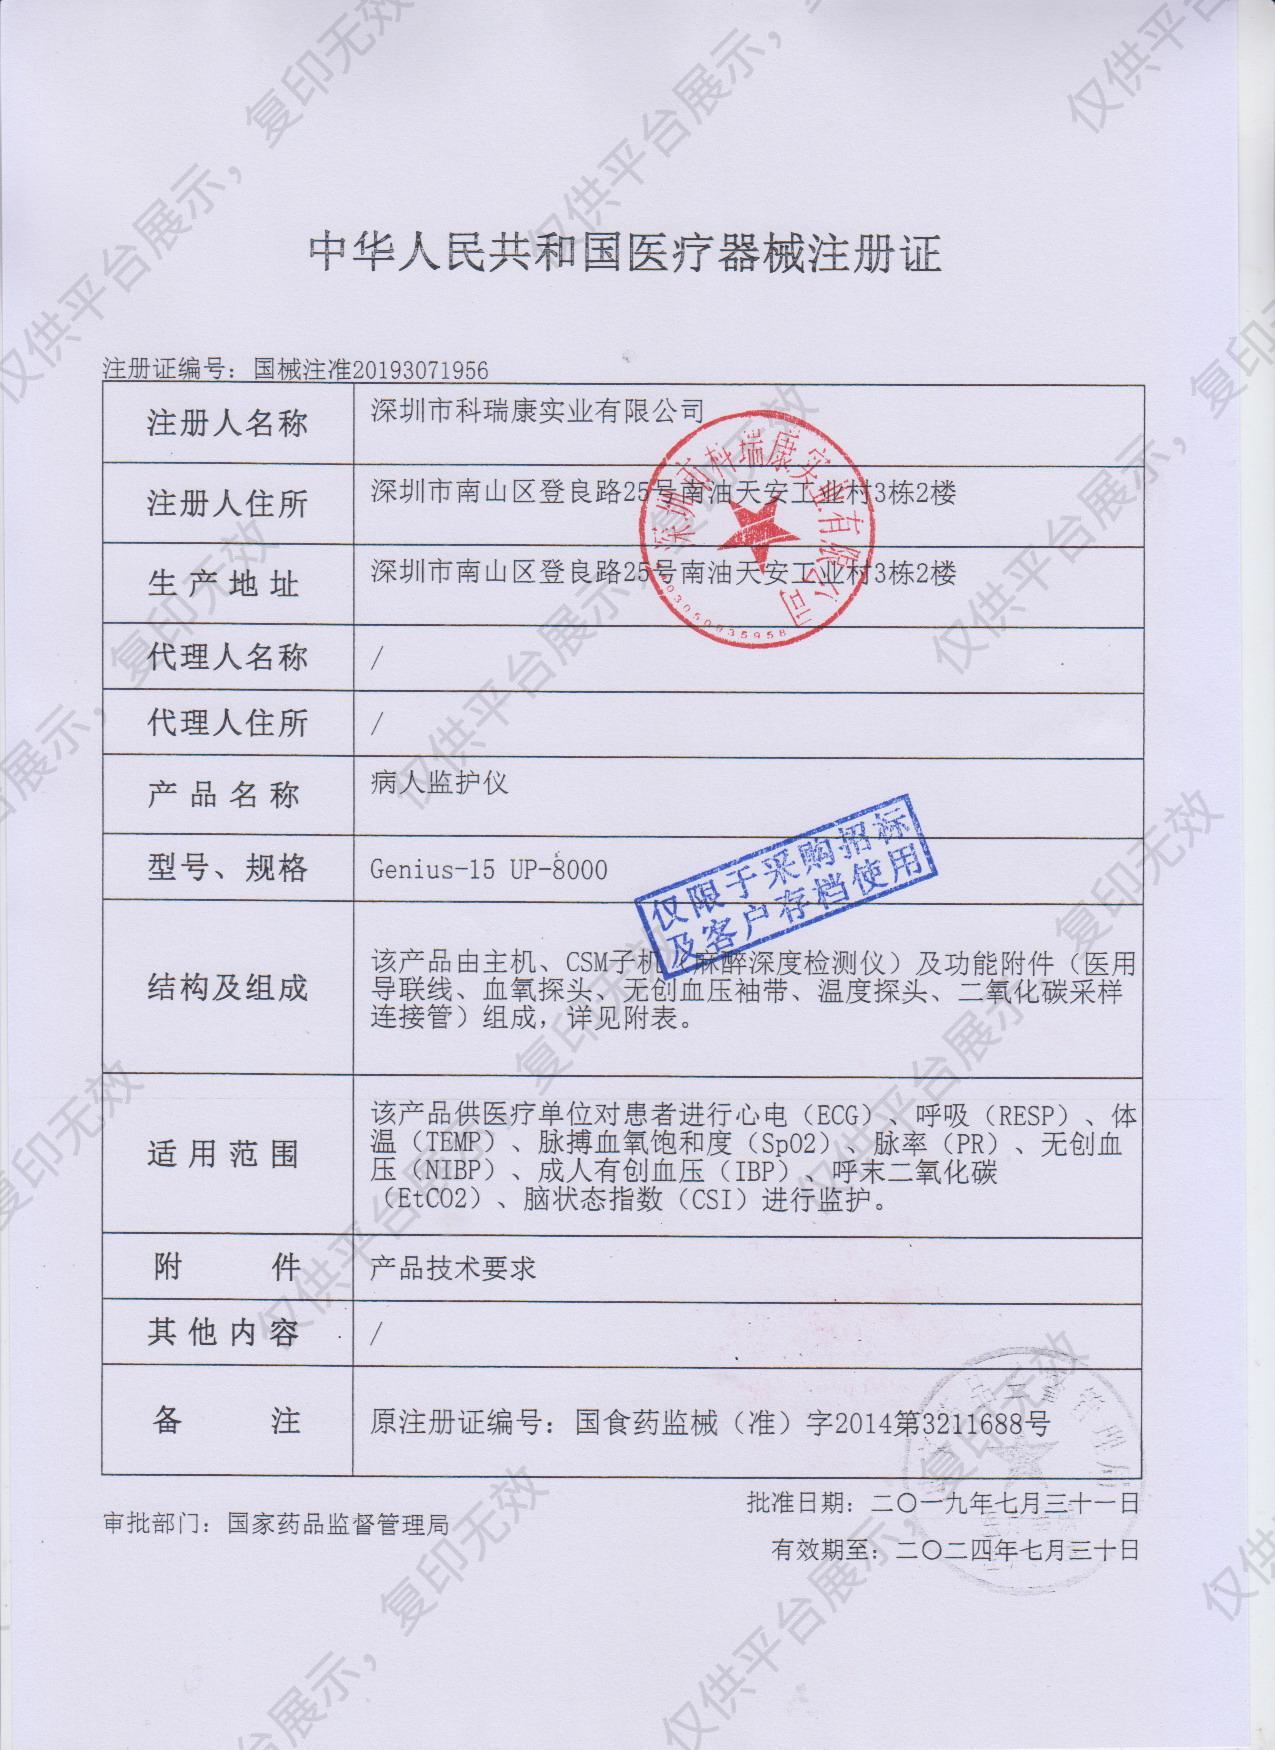 科瑞康 病人监护仪 K12(标配)注册证